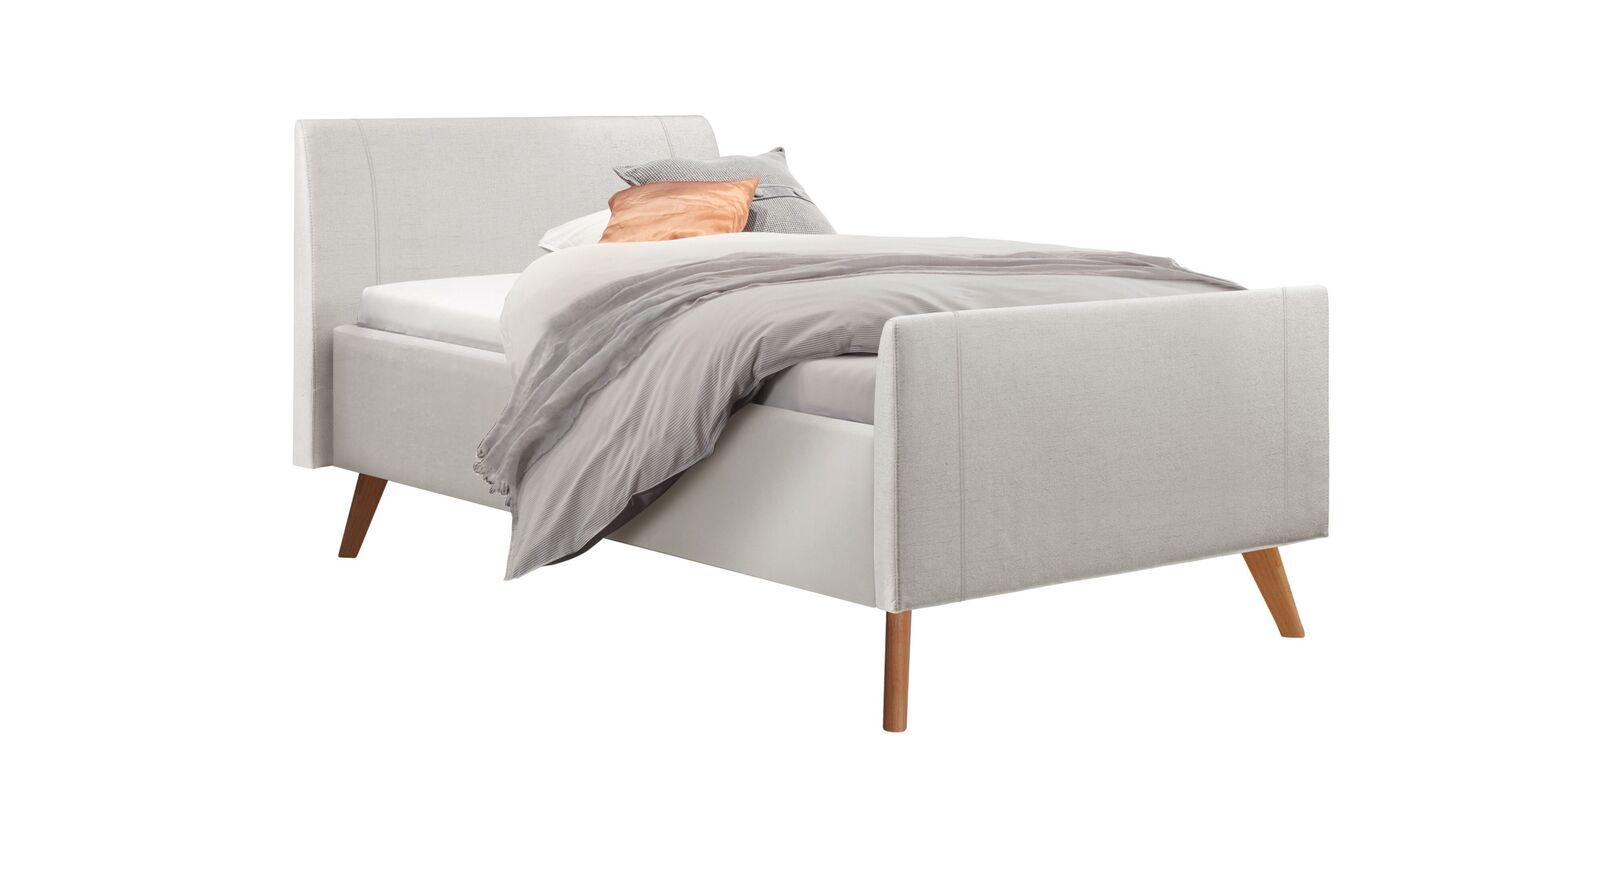 Bett Nelka in Einzelbettgröße